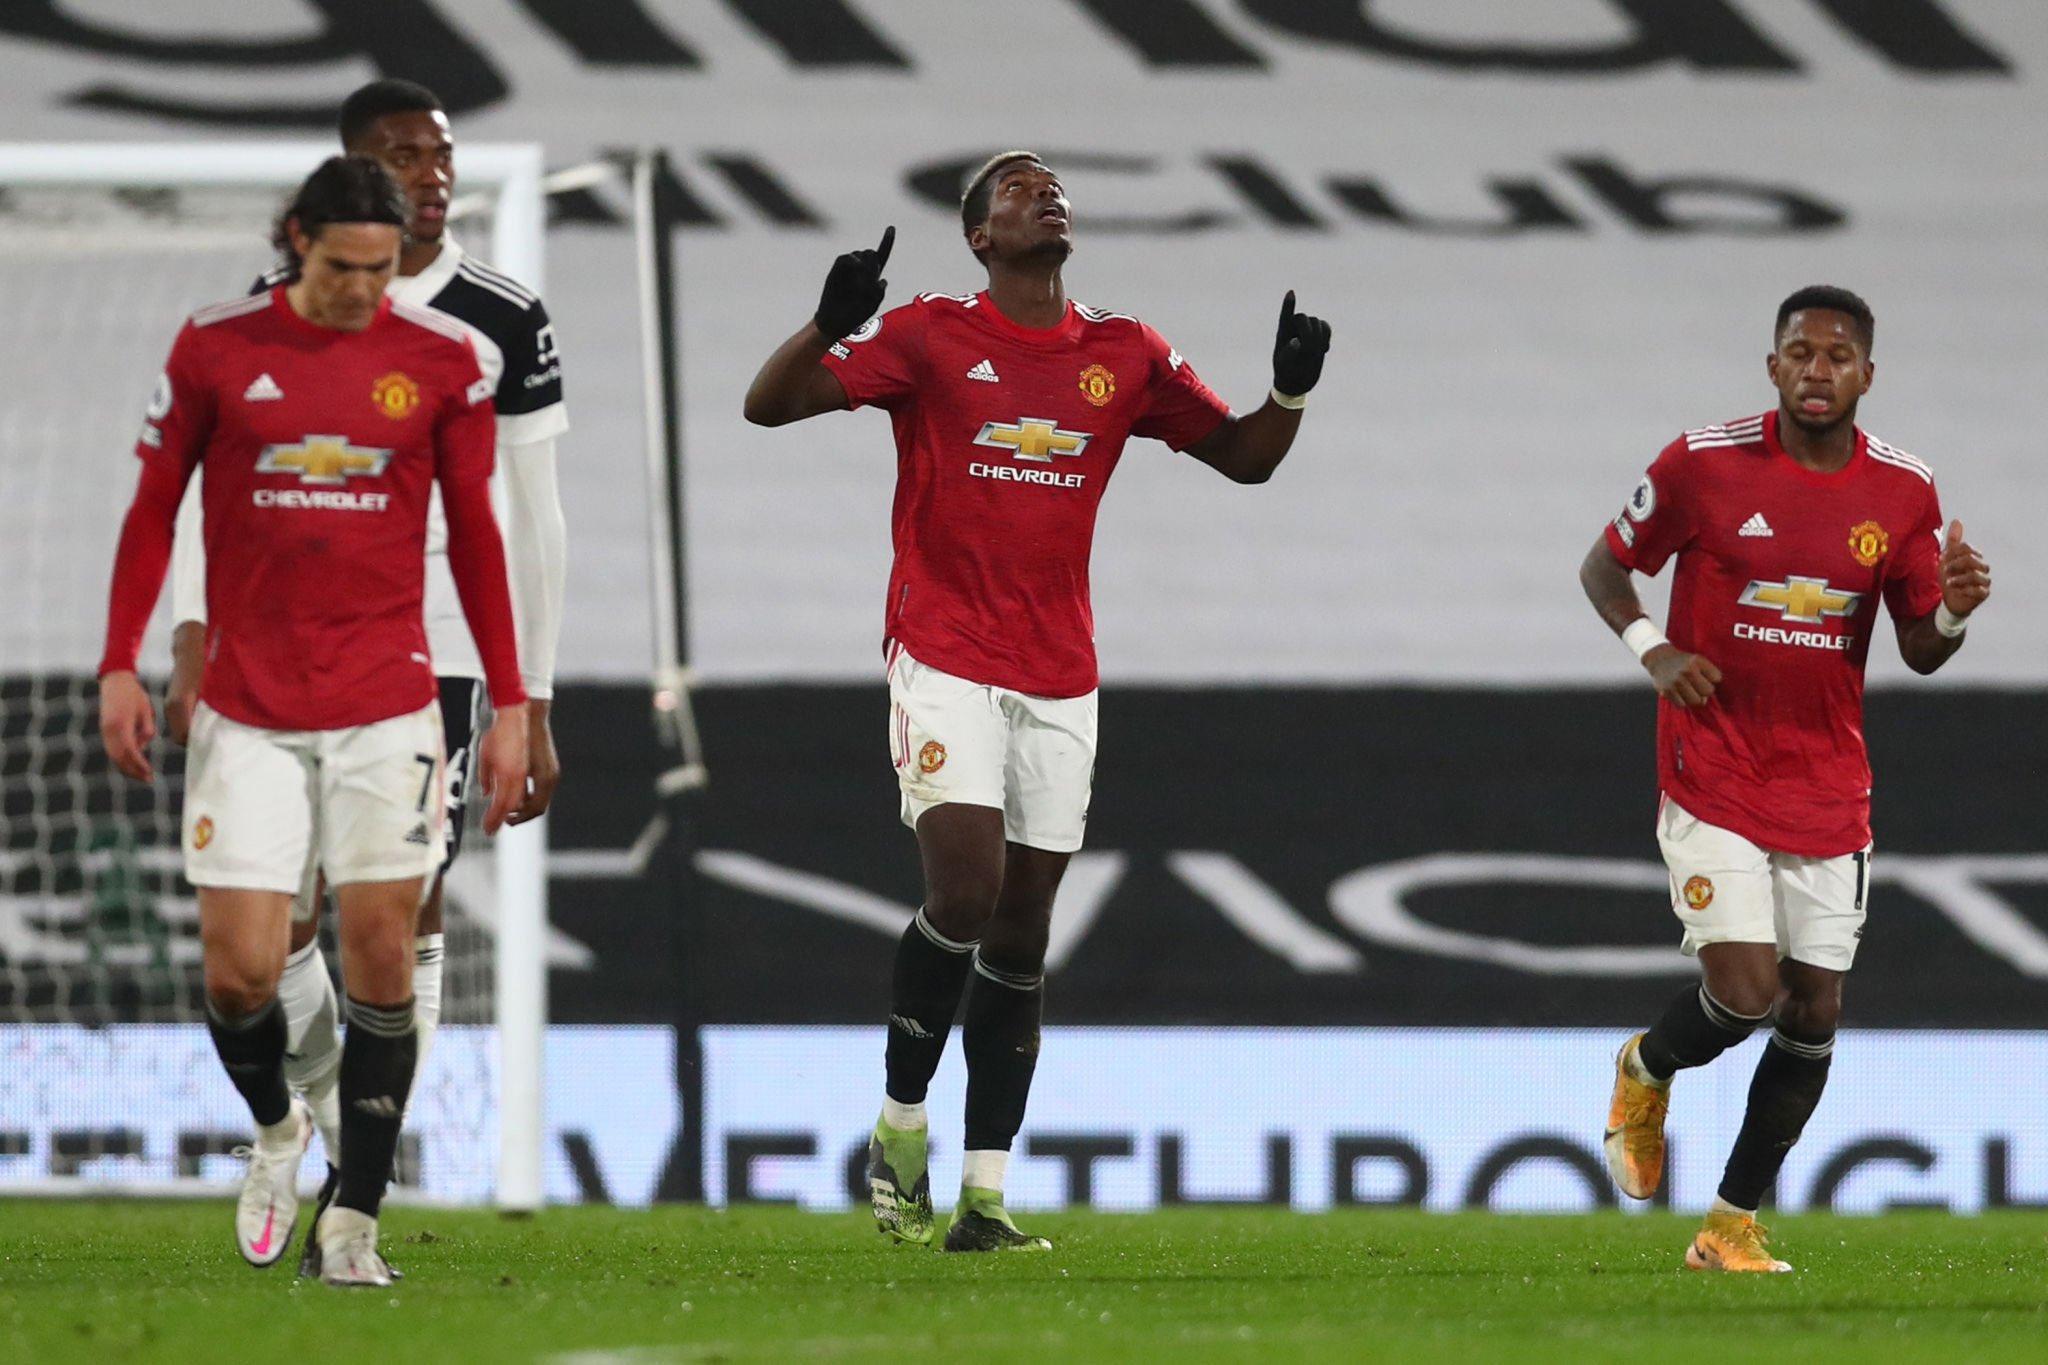 Man Utd đã bỏ được thói quen xấu, cho thấy chuyển đổi đáng kinh ngạc - Bóng Đá